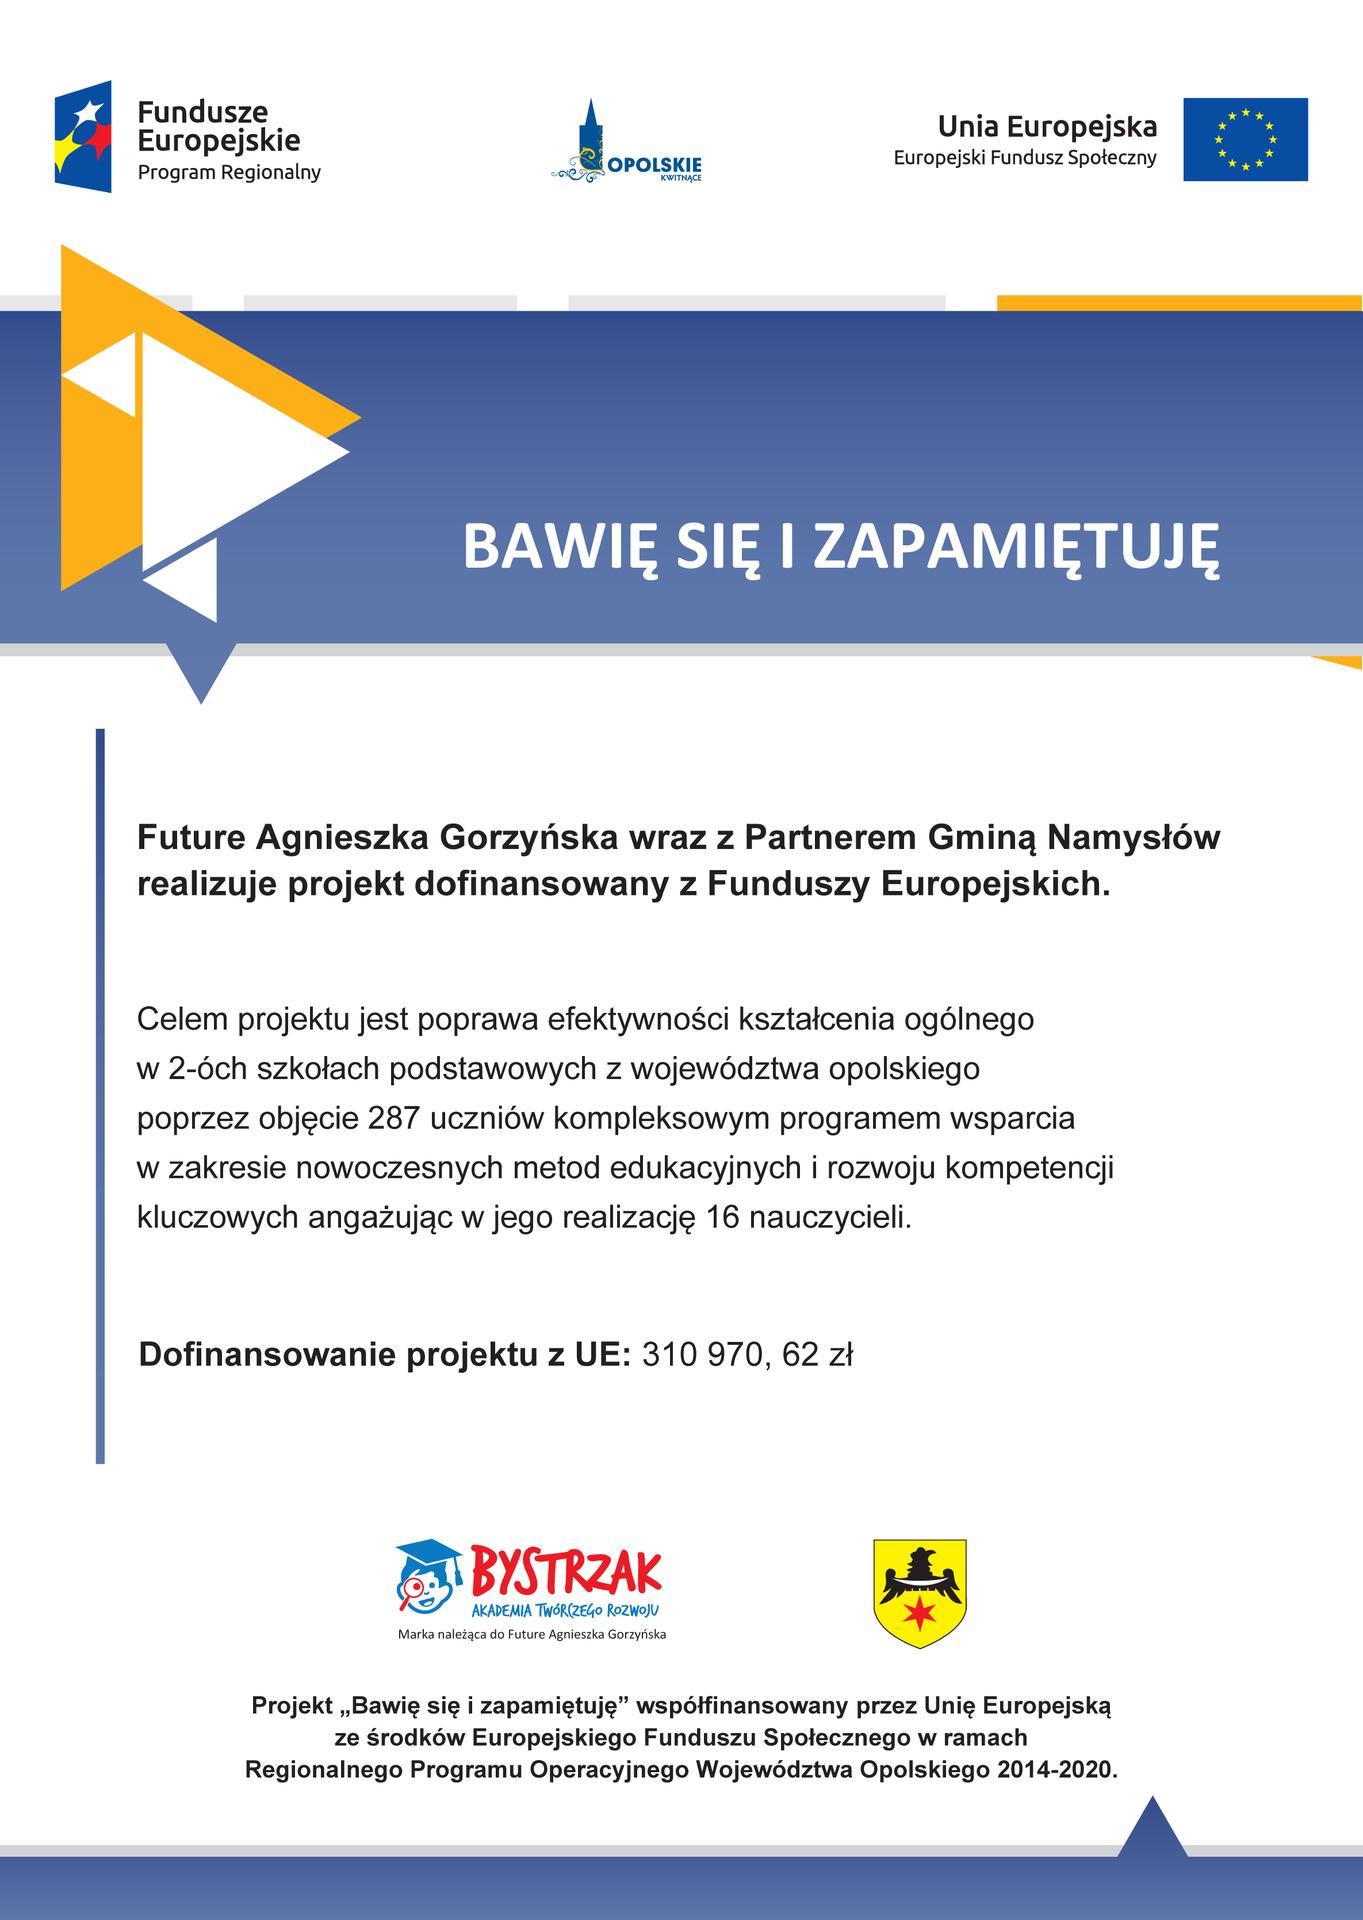 plakat_A3_NAMYWSLOW_Unia_4_20szt-1.jpeg